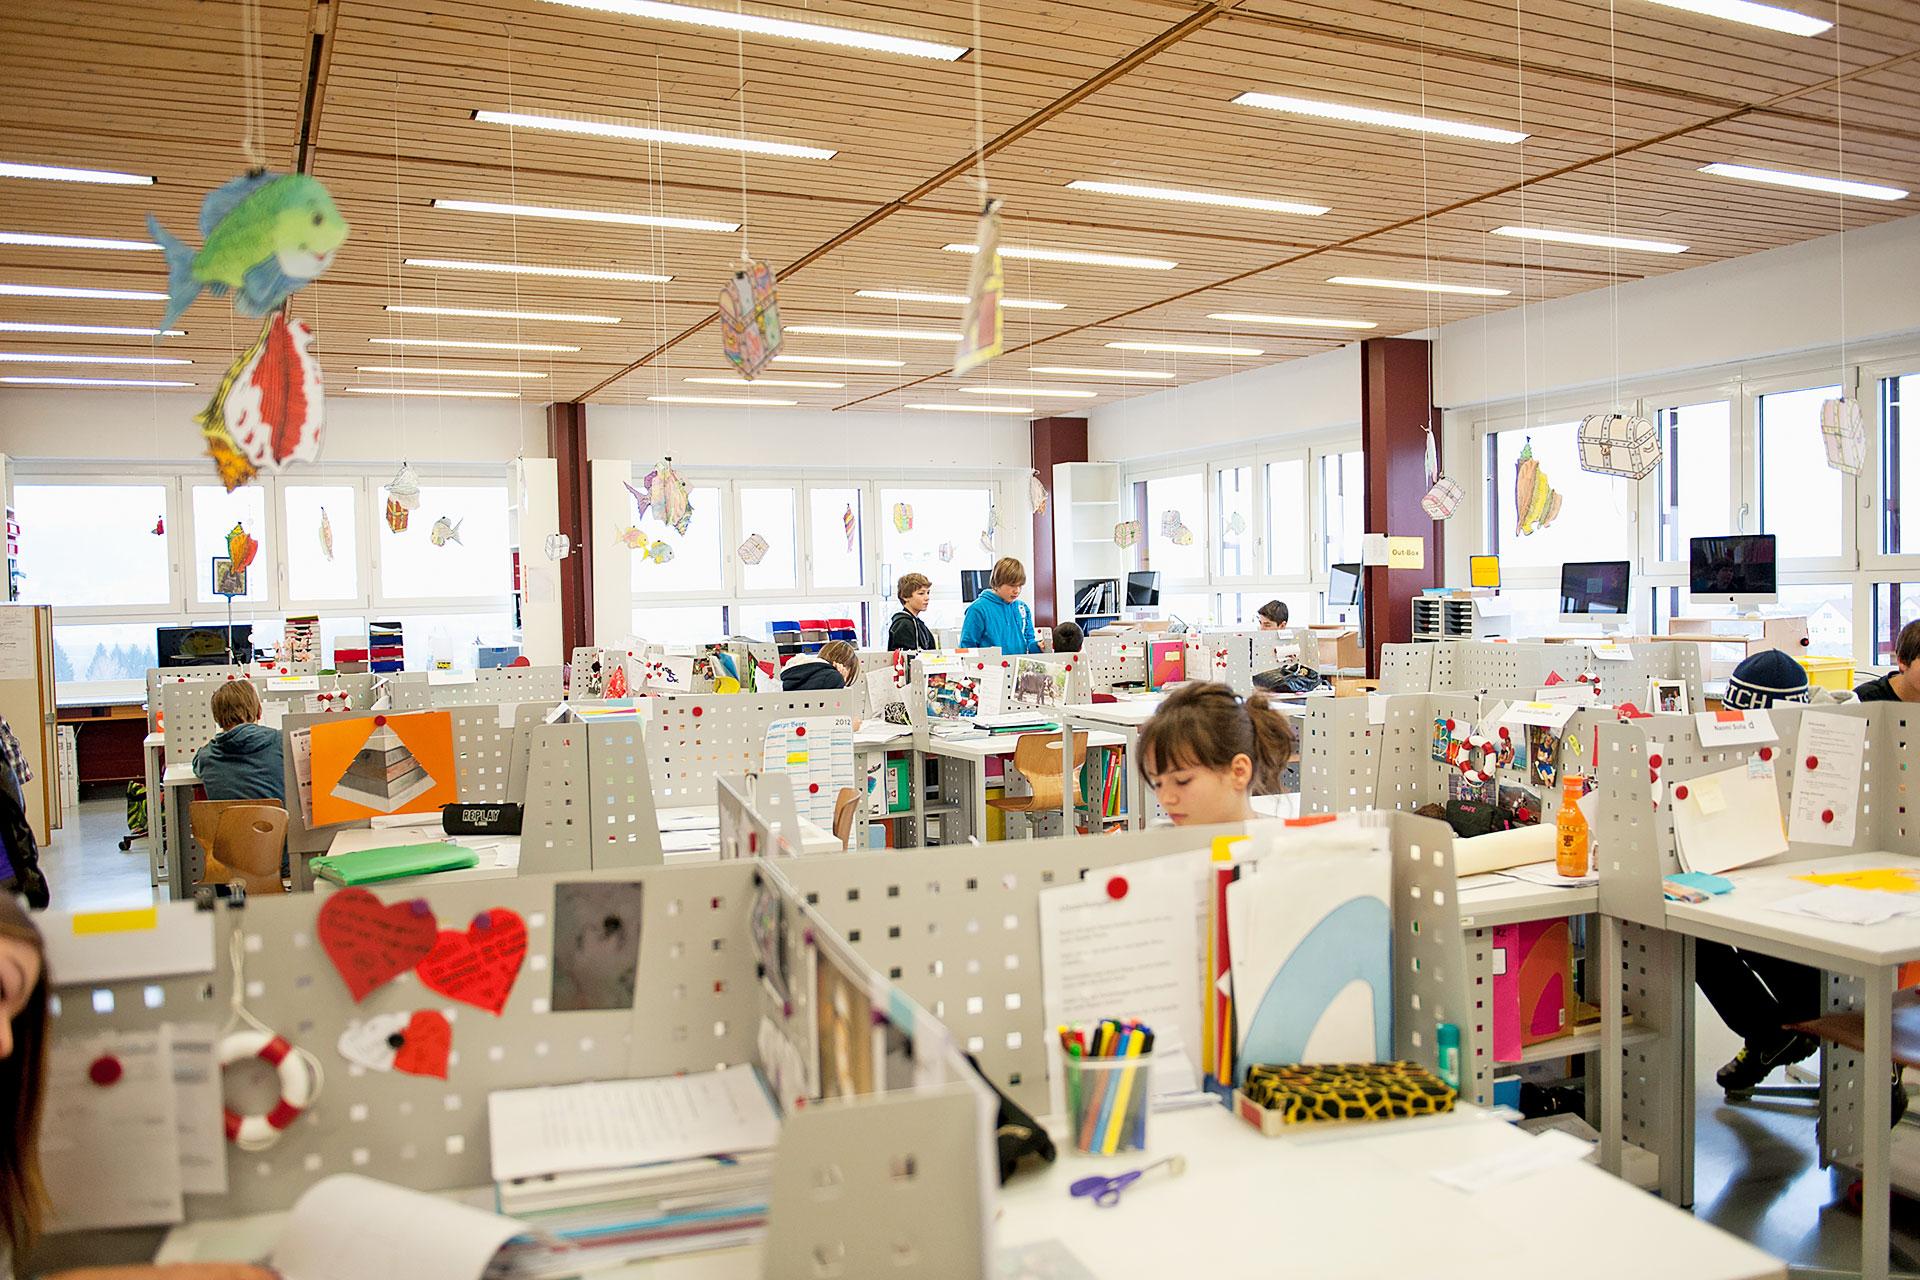 Blick in das als Lernlandschaft eingerichtete Schulzimmer mit persönlichen Arbeitsplätzen